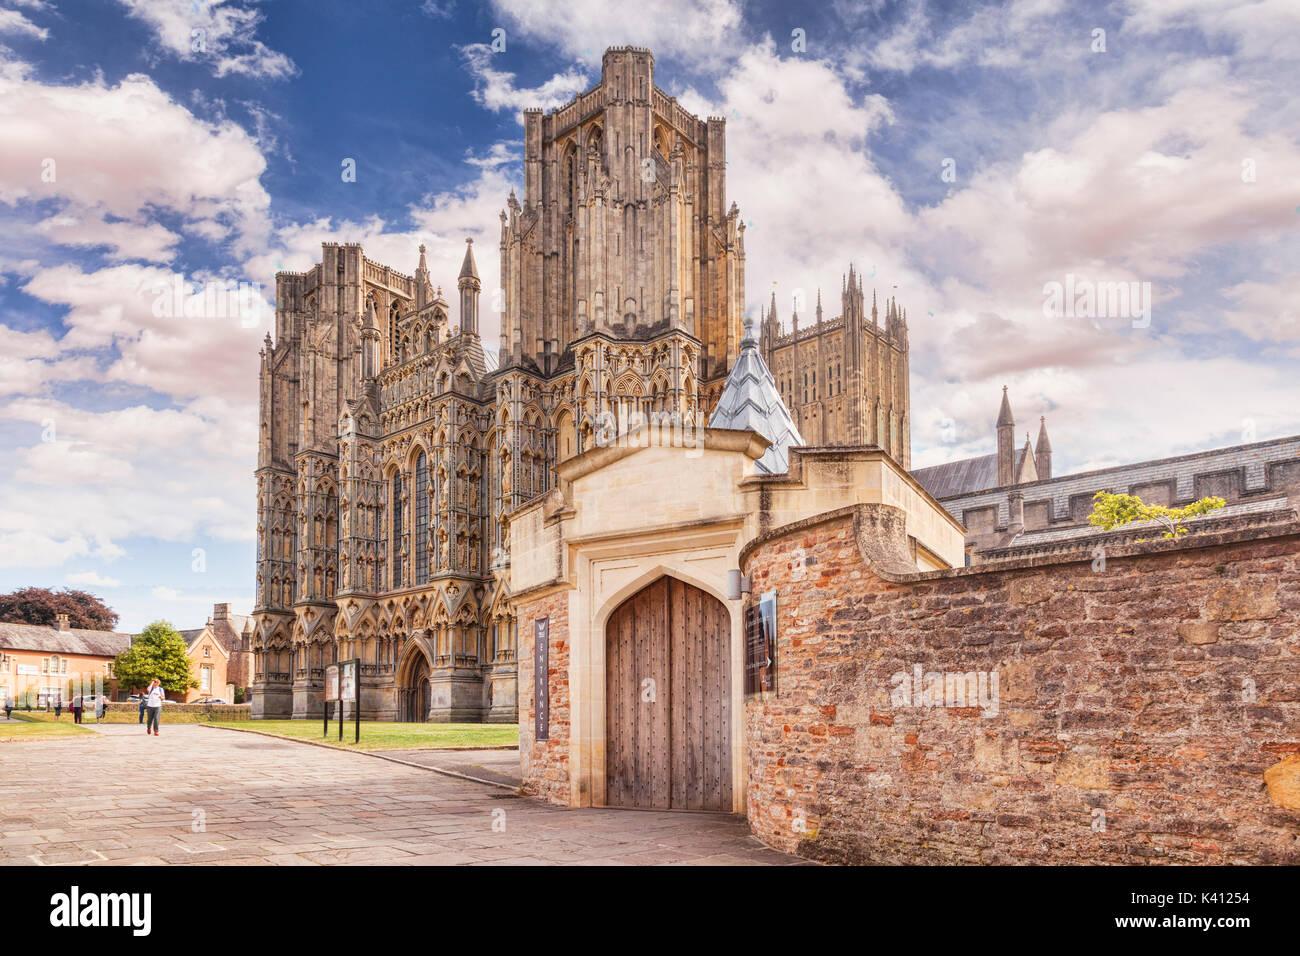 El 9 de julio de 2017: Wells Somerset, Inglaterra, Reino Unido - la catedral, una de las mejores de Inglaterra y la sede del obispo de Bath y Wells. Imagen De Stock